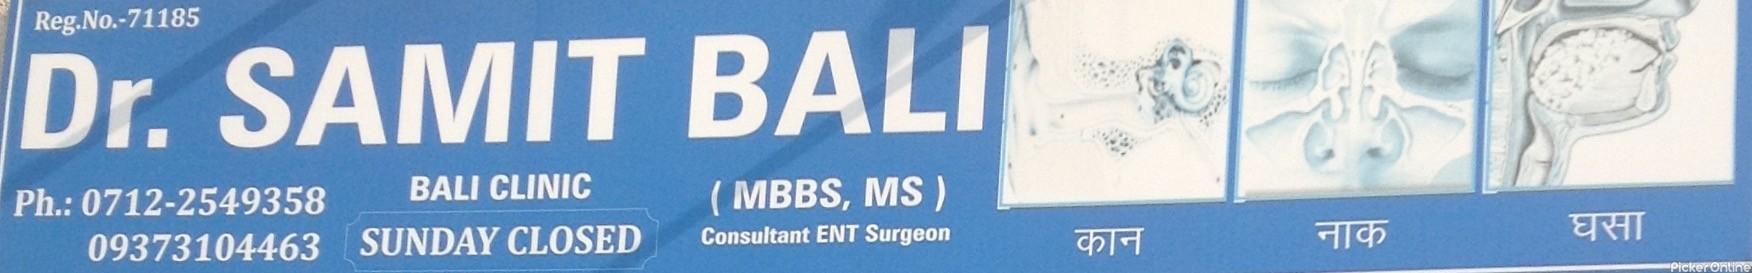 Dr. Samit Bali